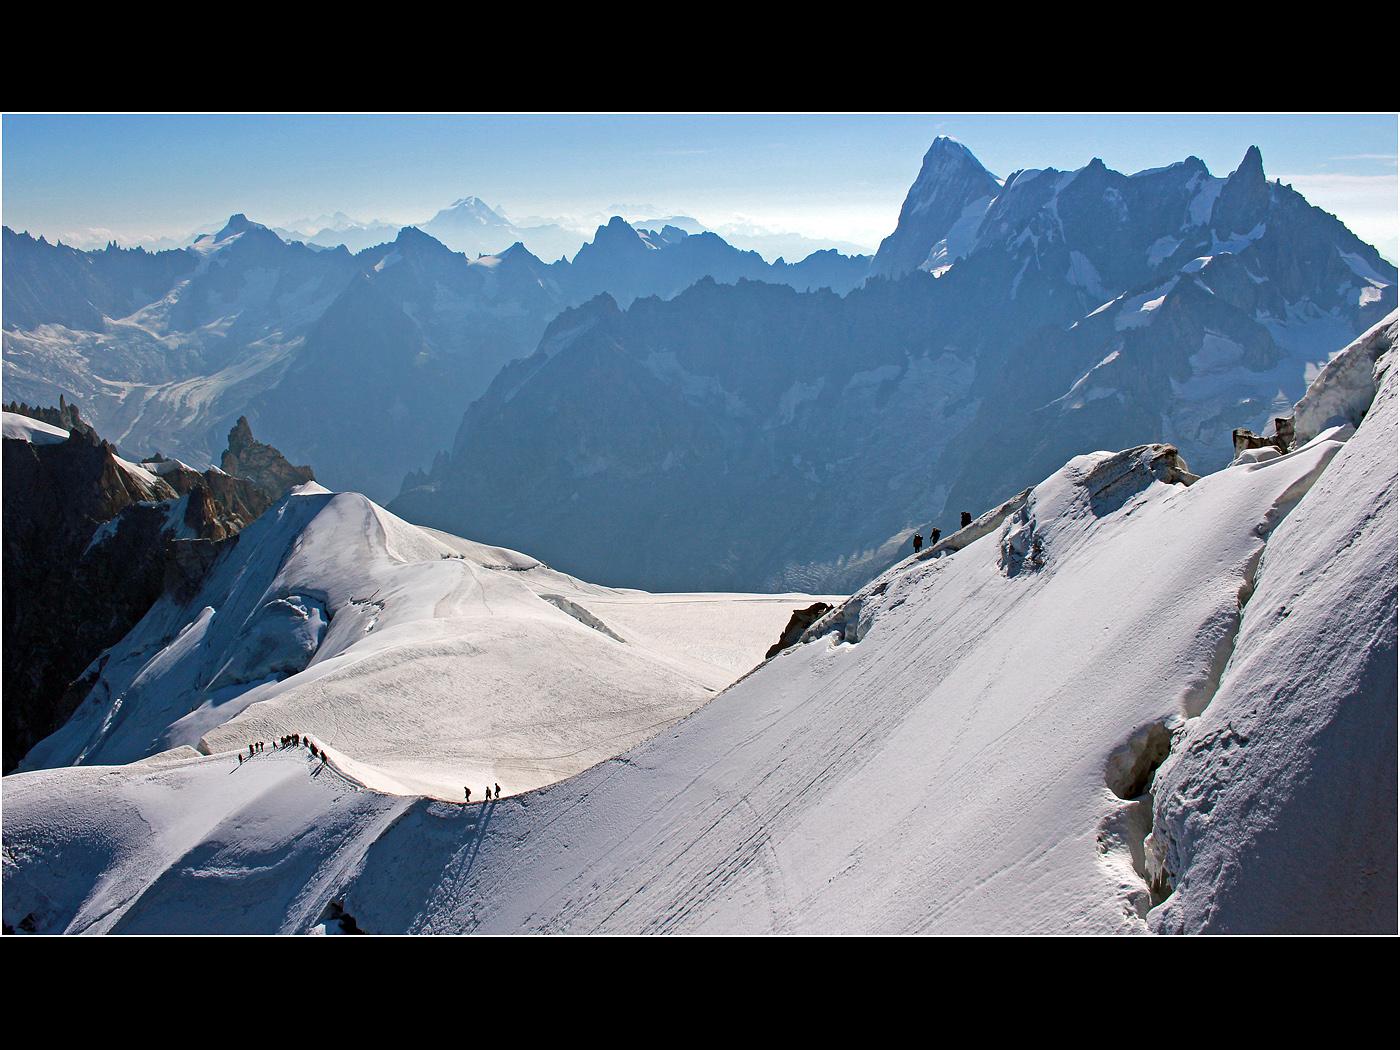 Snow Ridge, Chamonix